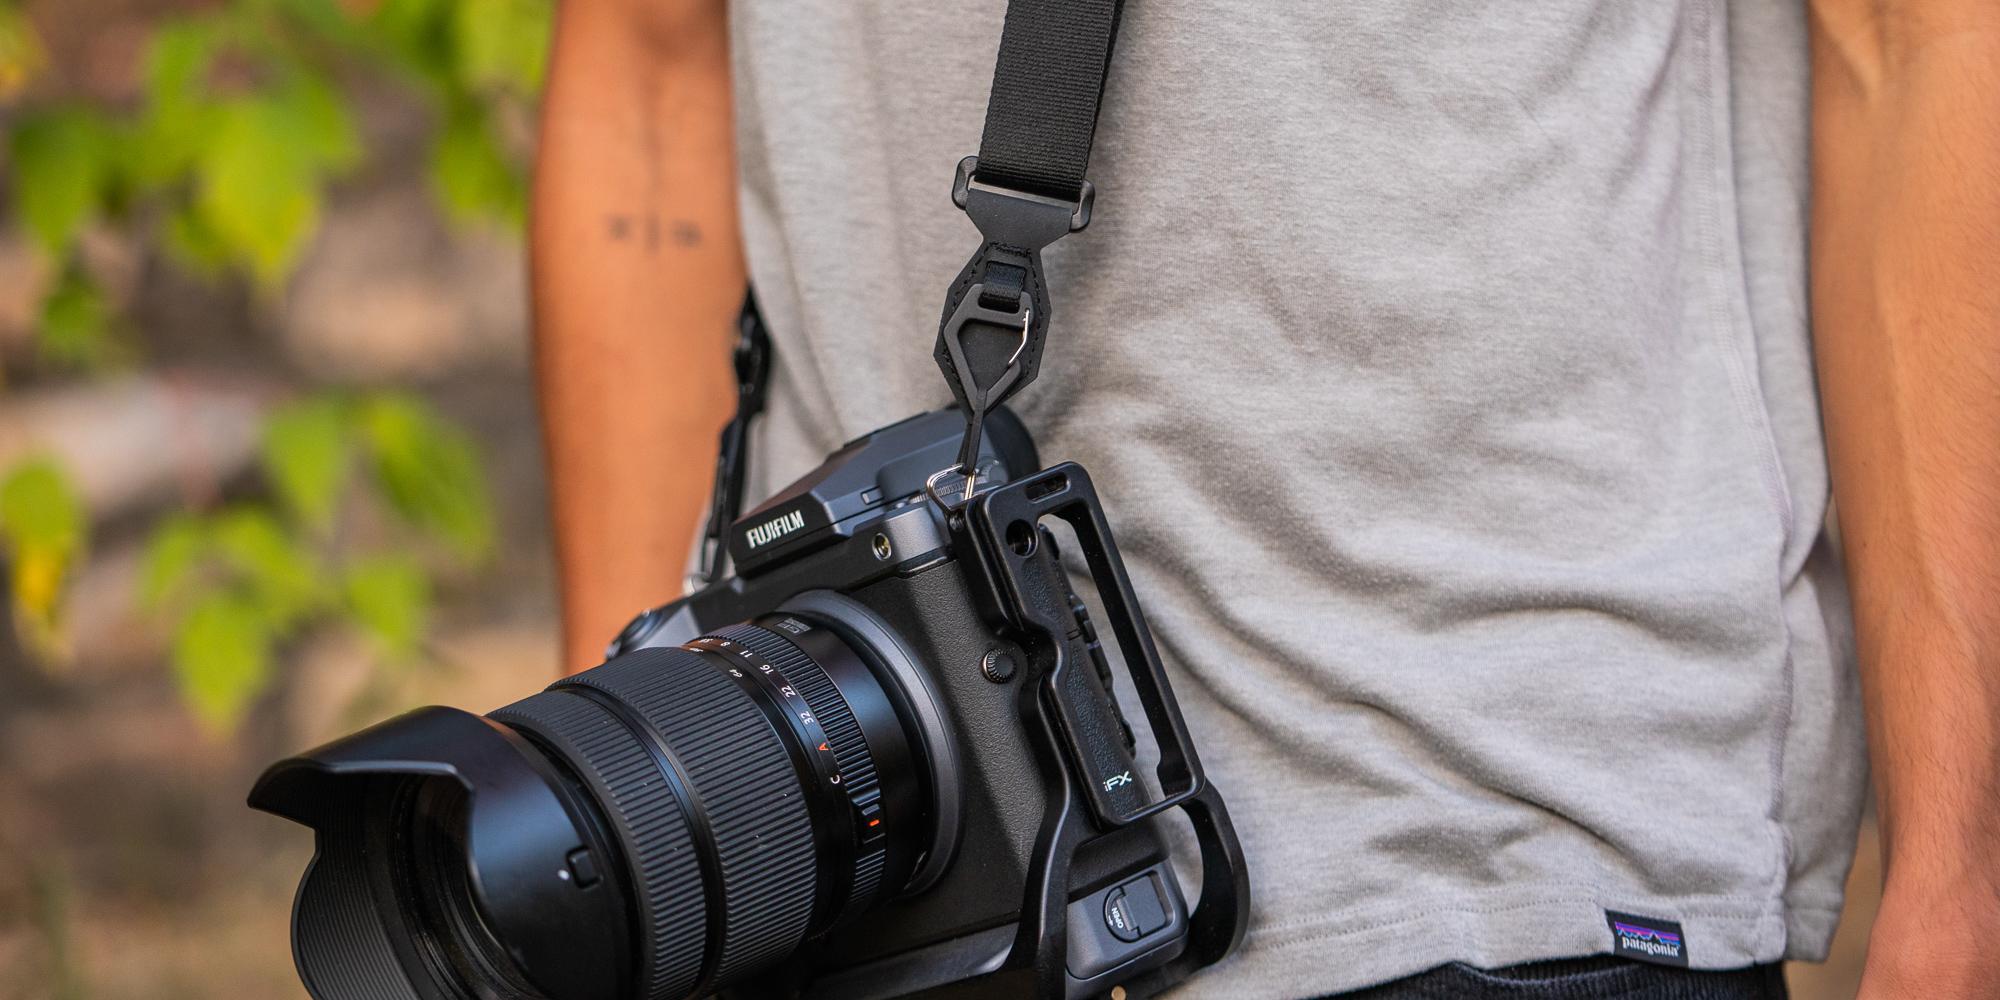 Wandrd Camera Sling Strap - 34 kg load capacity